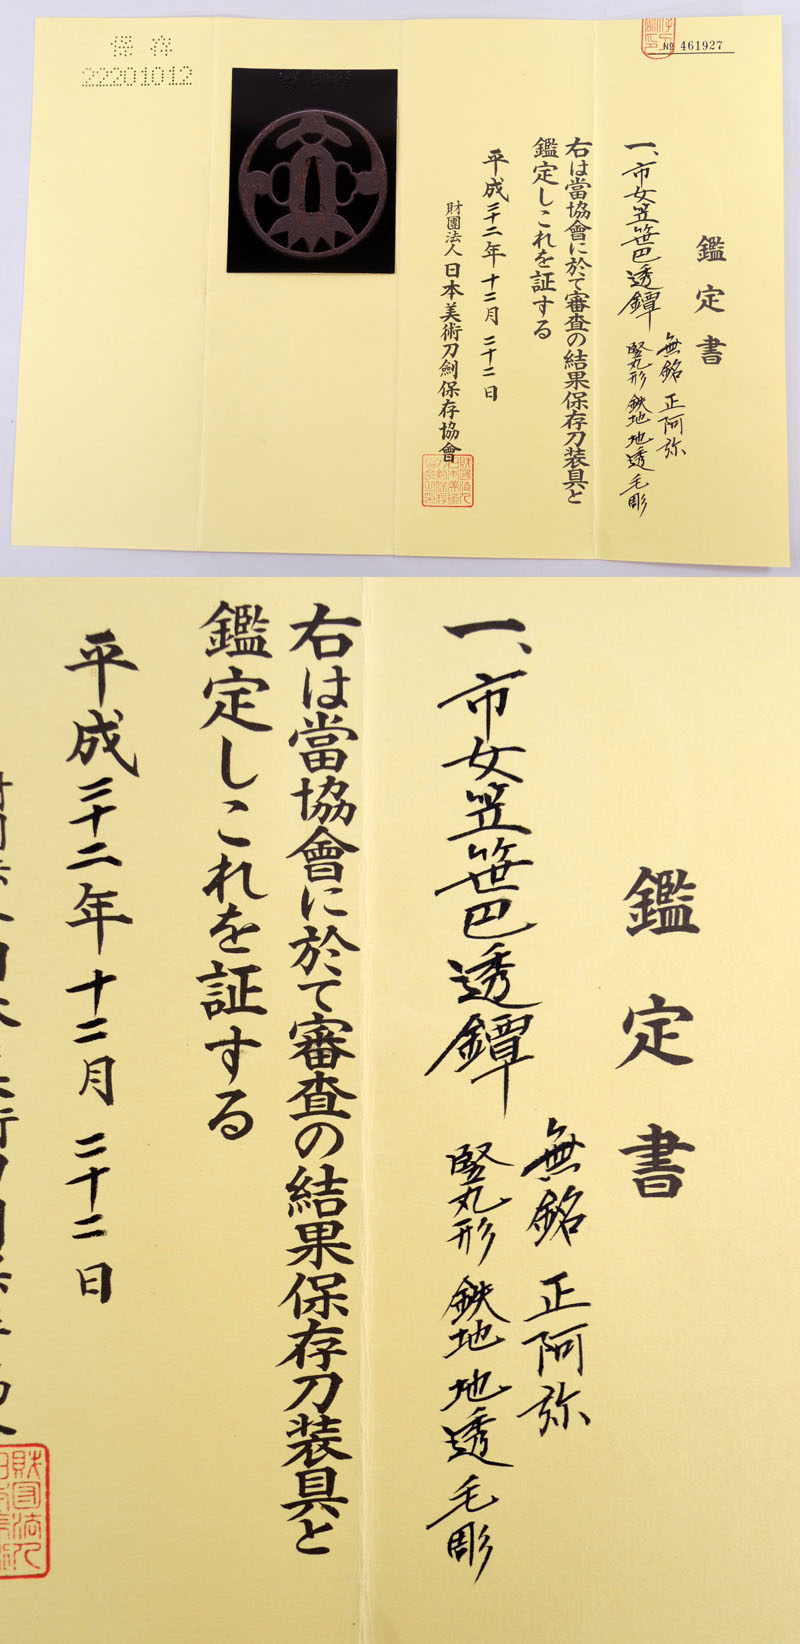 市女笠笹巴透鍔 無銘 正阿弥 Picture of Certificate